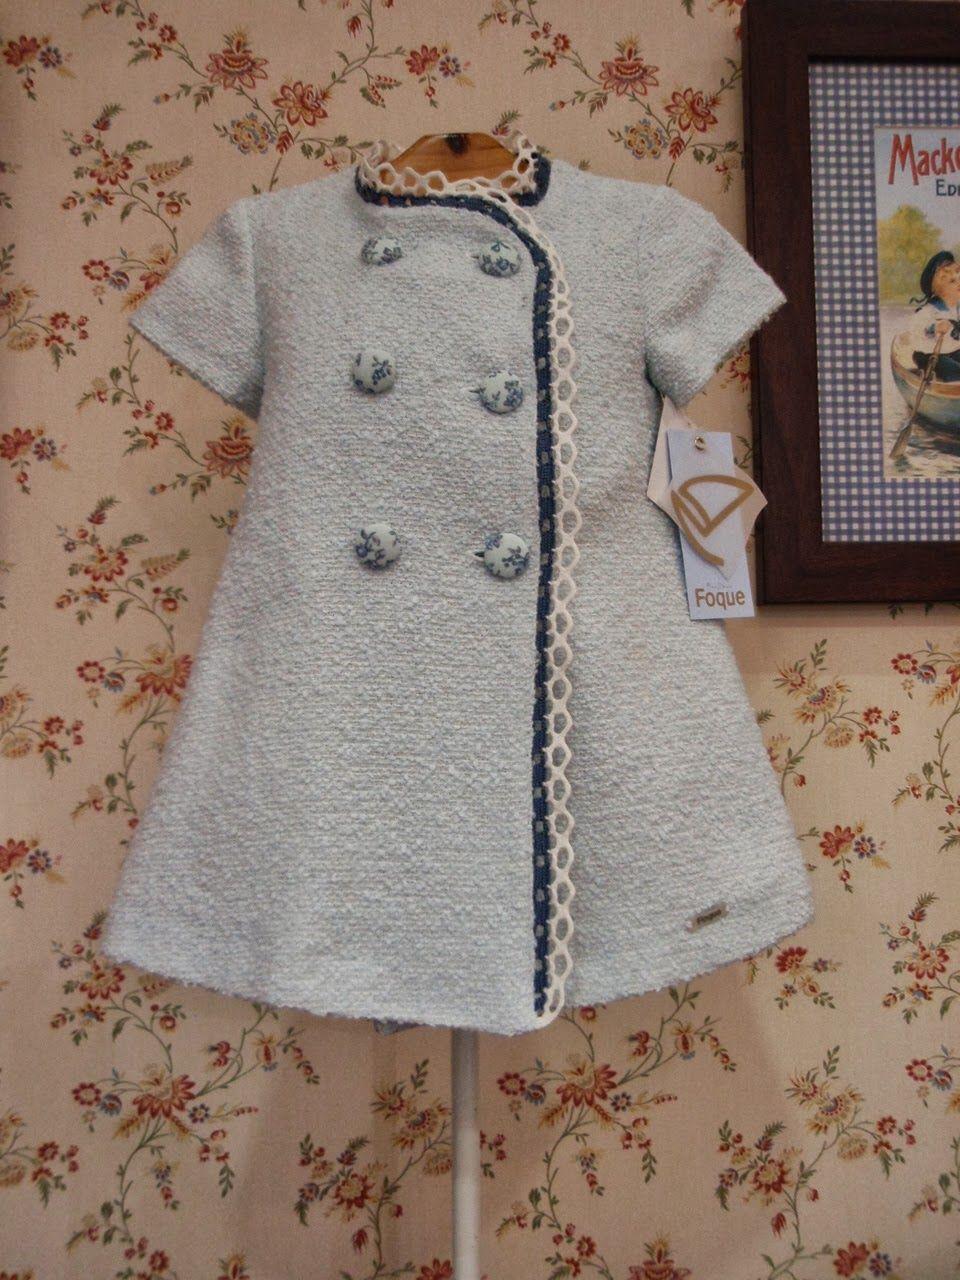 53c085813 Menudets-moda infantil: COLECCIÓN CHANEL DE FOQUE, INVIERNO 2013-14 ...